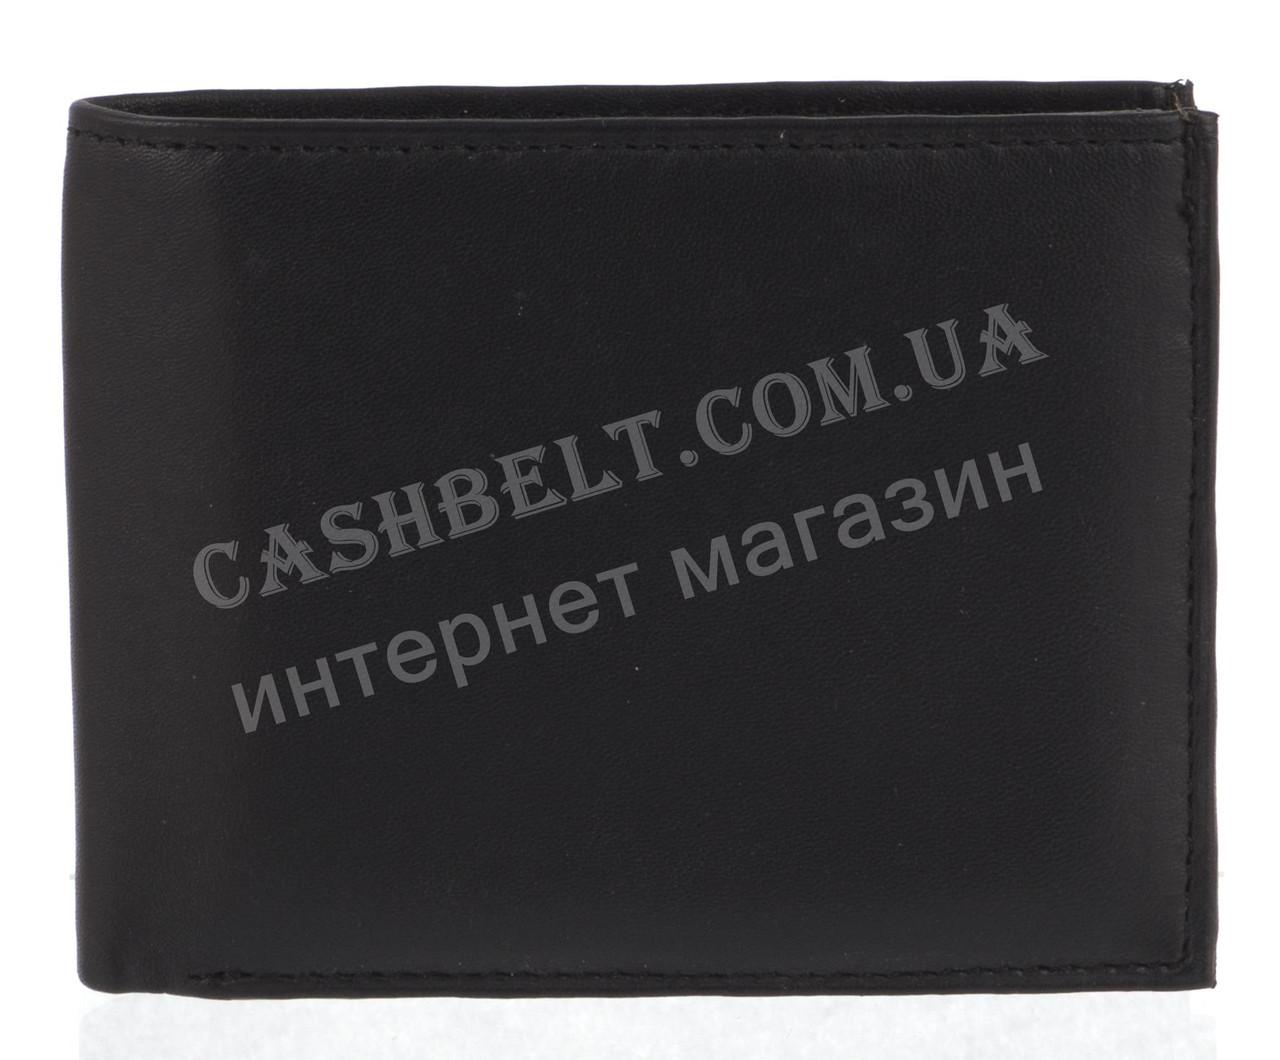 Стильний класичний чоловічий гаманець c міцної шкіри WENZ art. SC 625 220 чорний